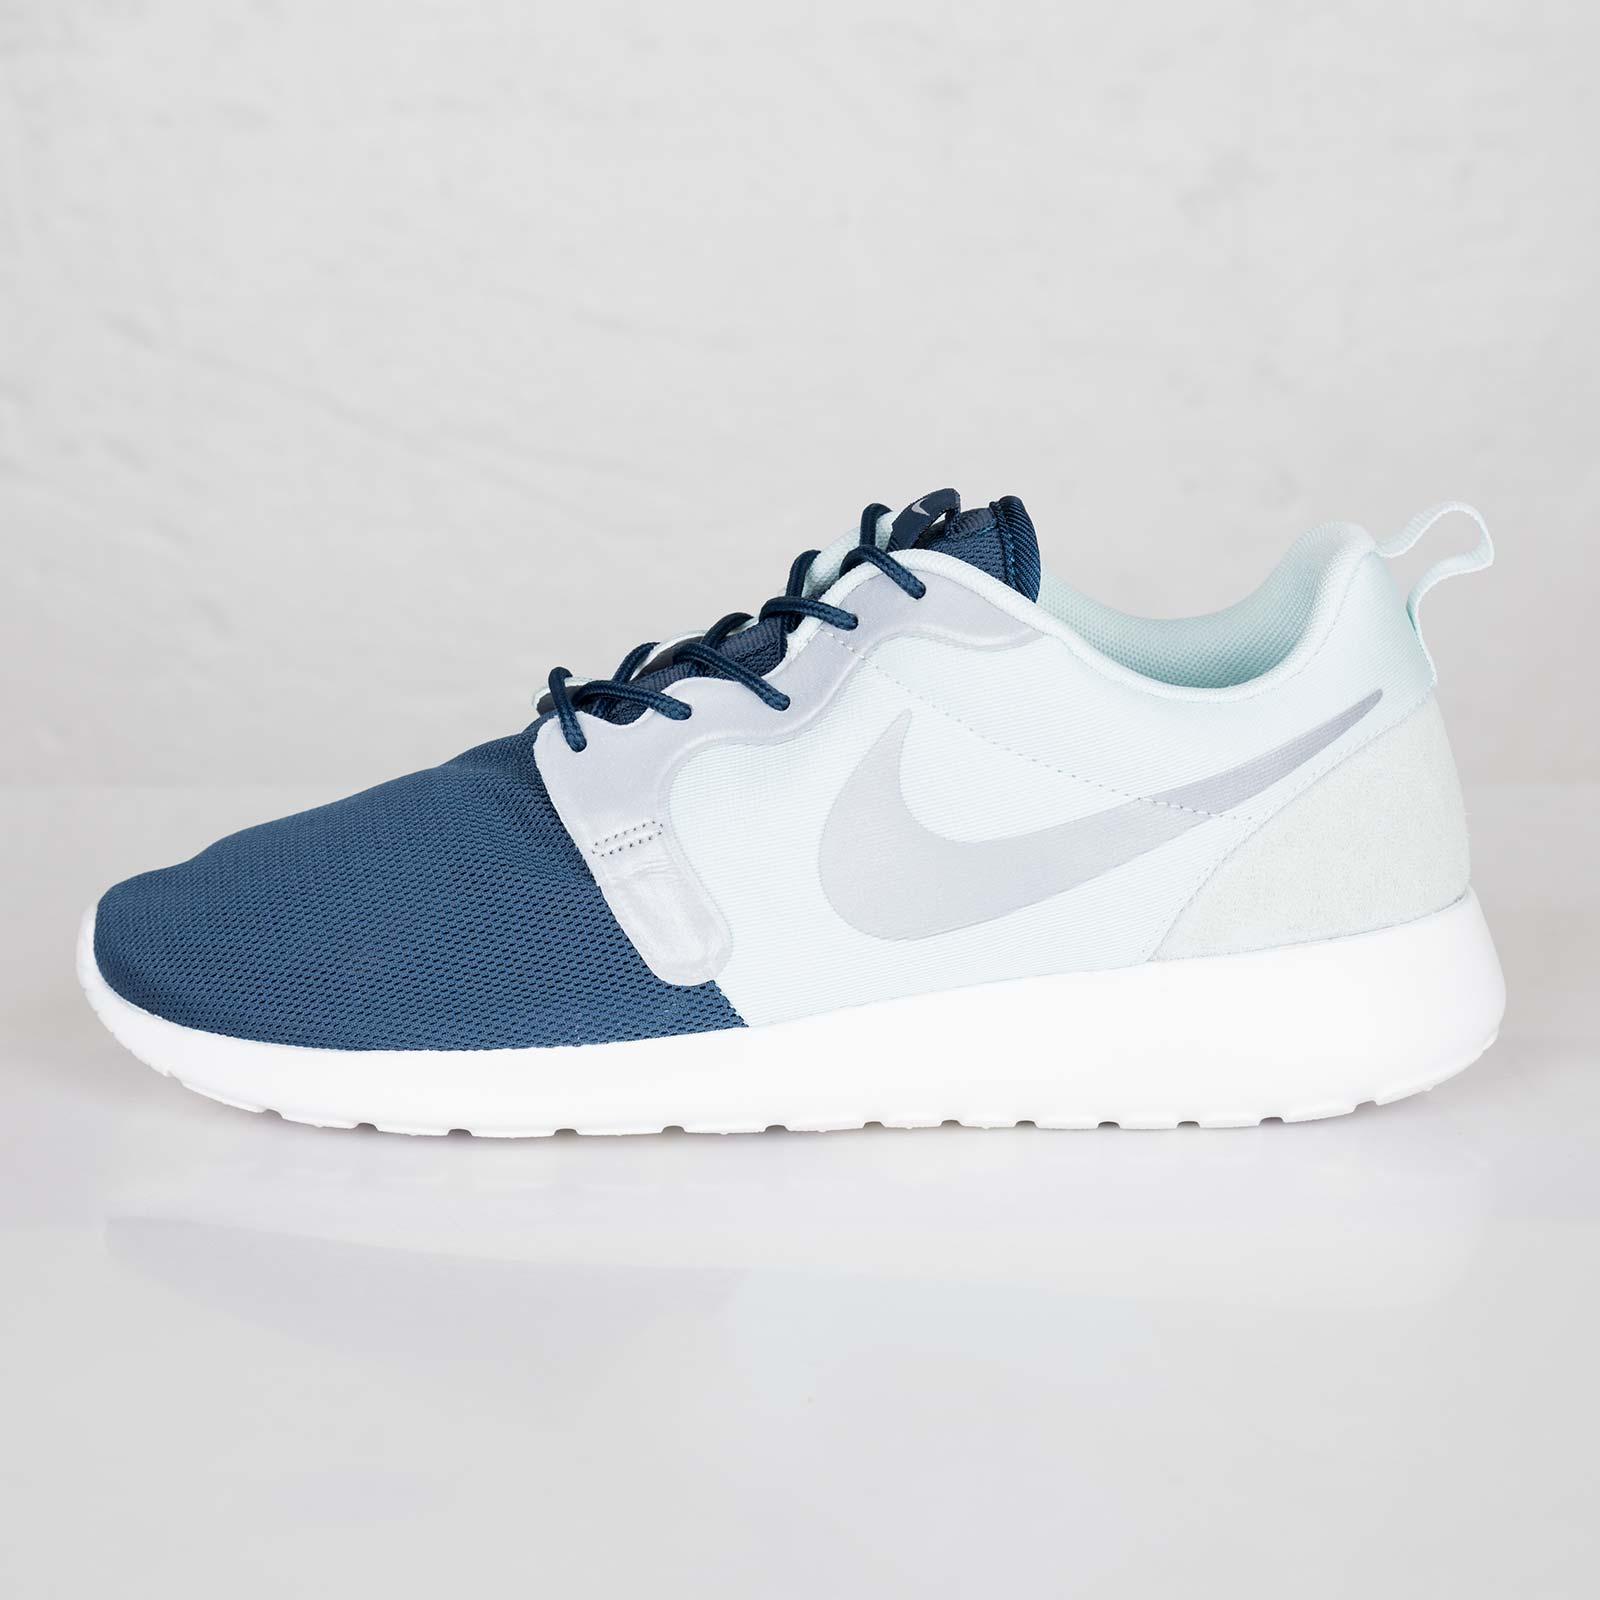 5fa34f89f0f9 Nike Rosherun Hyperfuse QS - 616325-341 - Sneakersnstuff